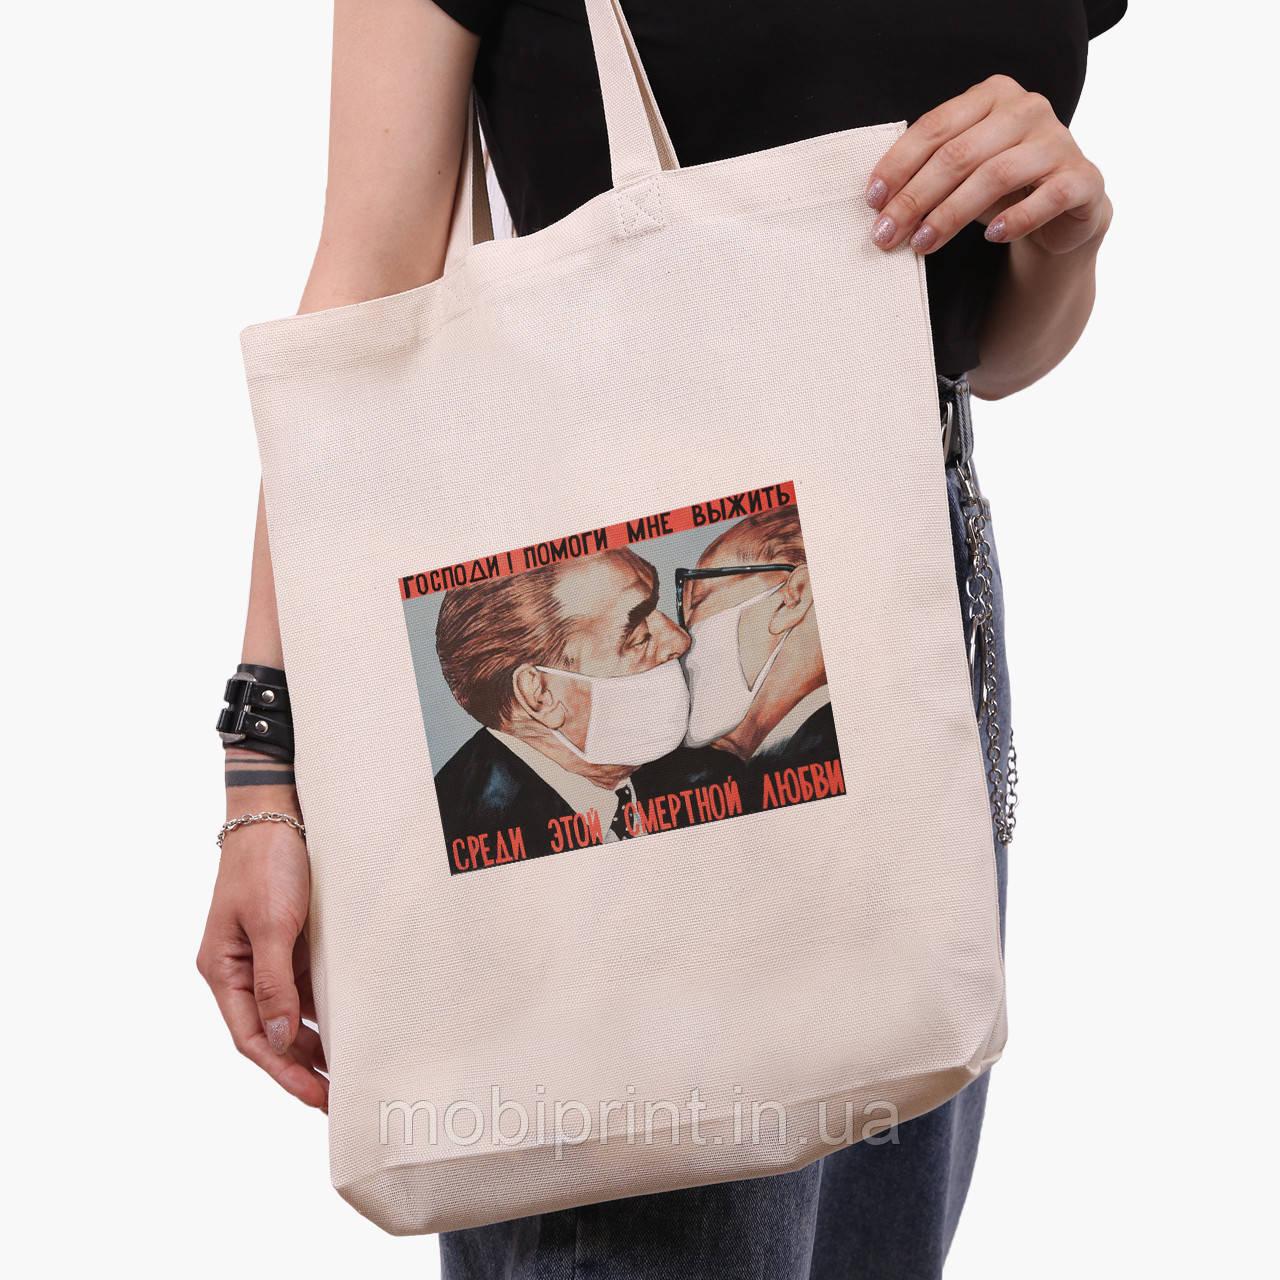 Еко сумка шоппер біла Брежнєв поцілунок (Brezhnev kiss) (9227-1424-1) 41*39*8 см